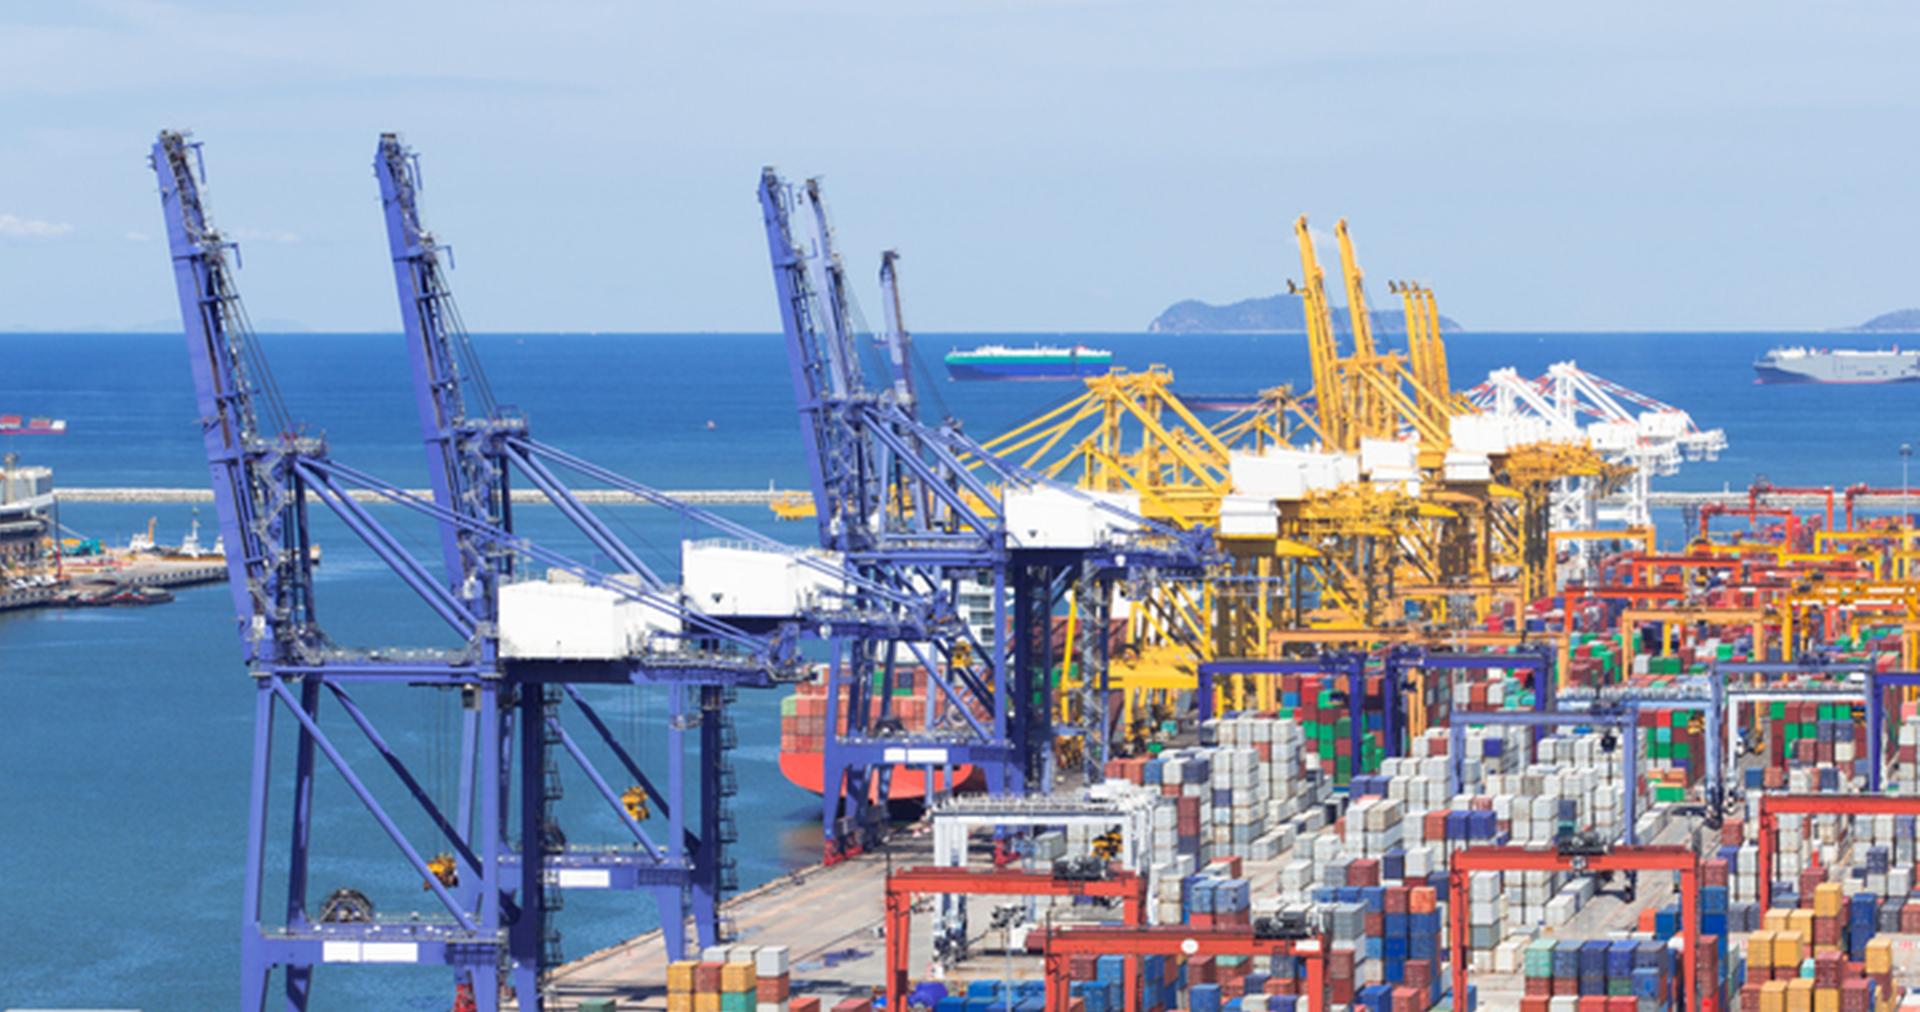 SCO-Qingdao-Port-Delays-Restrictions-2018